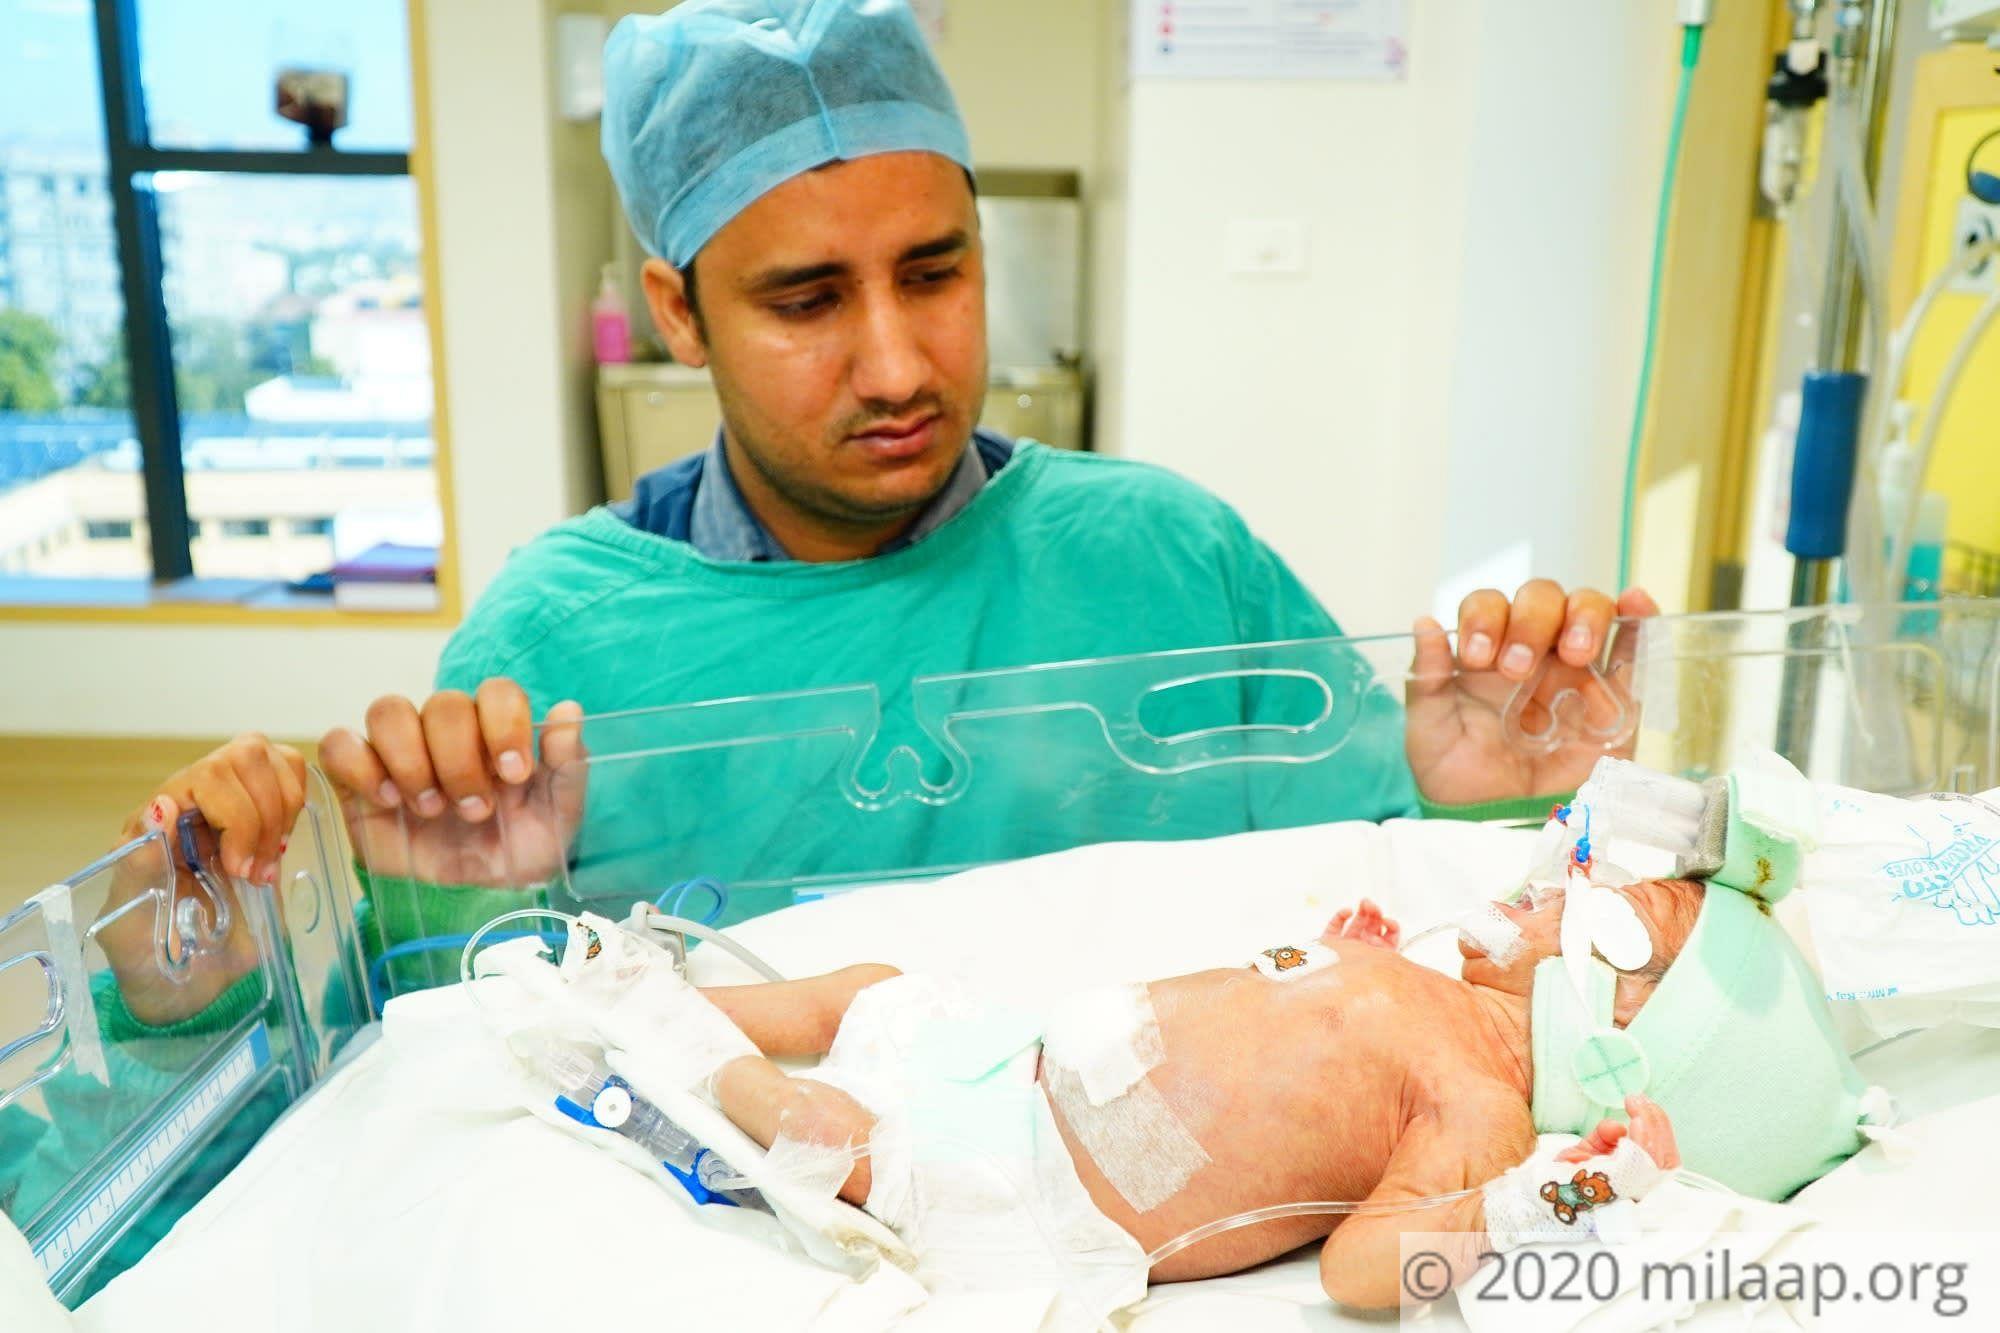 Baby of poonam 03.12 10 snyxsw 1575382402